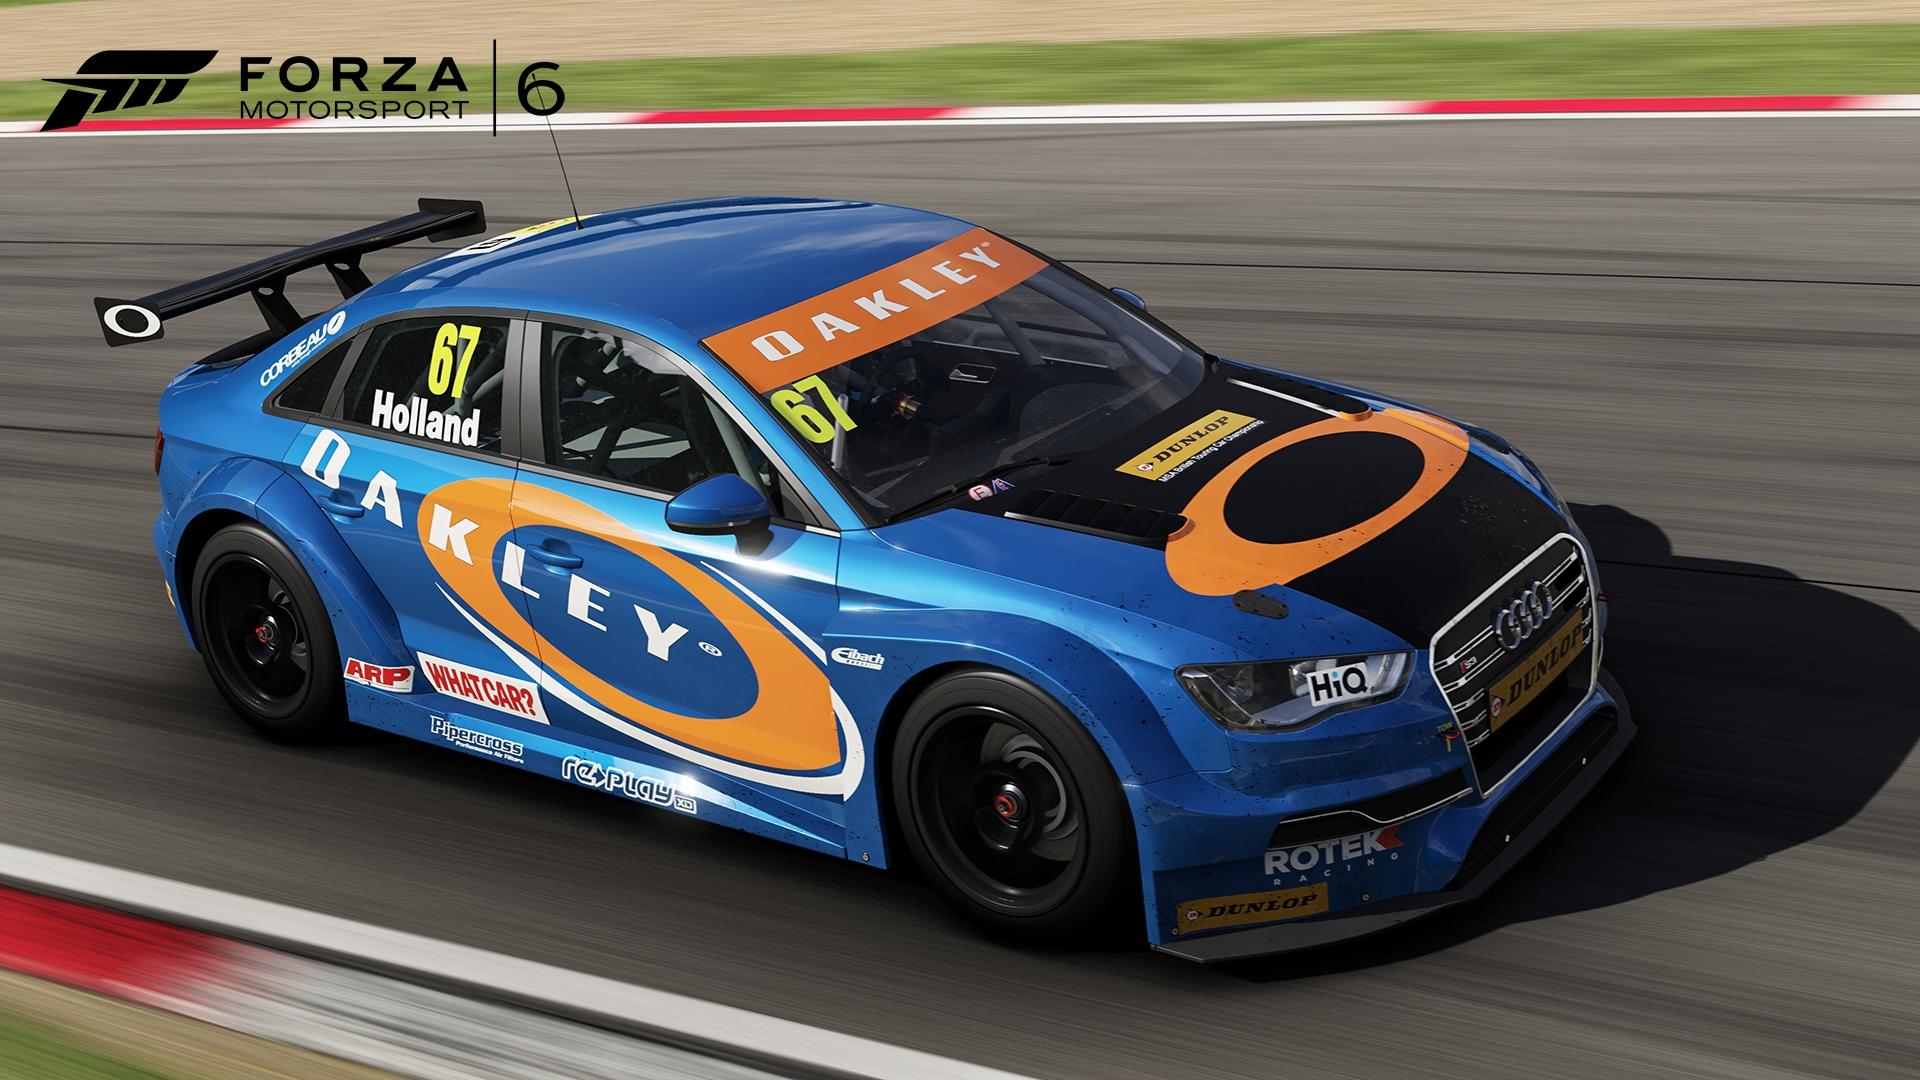 Toutes les photos Forza Motorsport 6 le test sur Xbox One